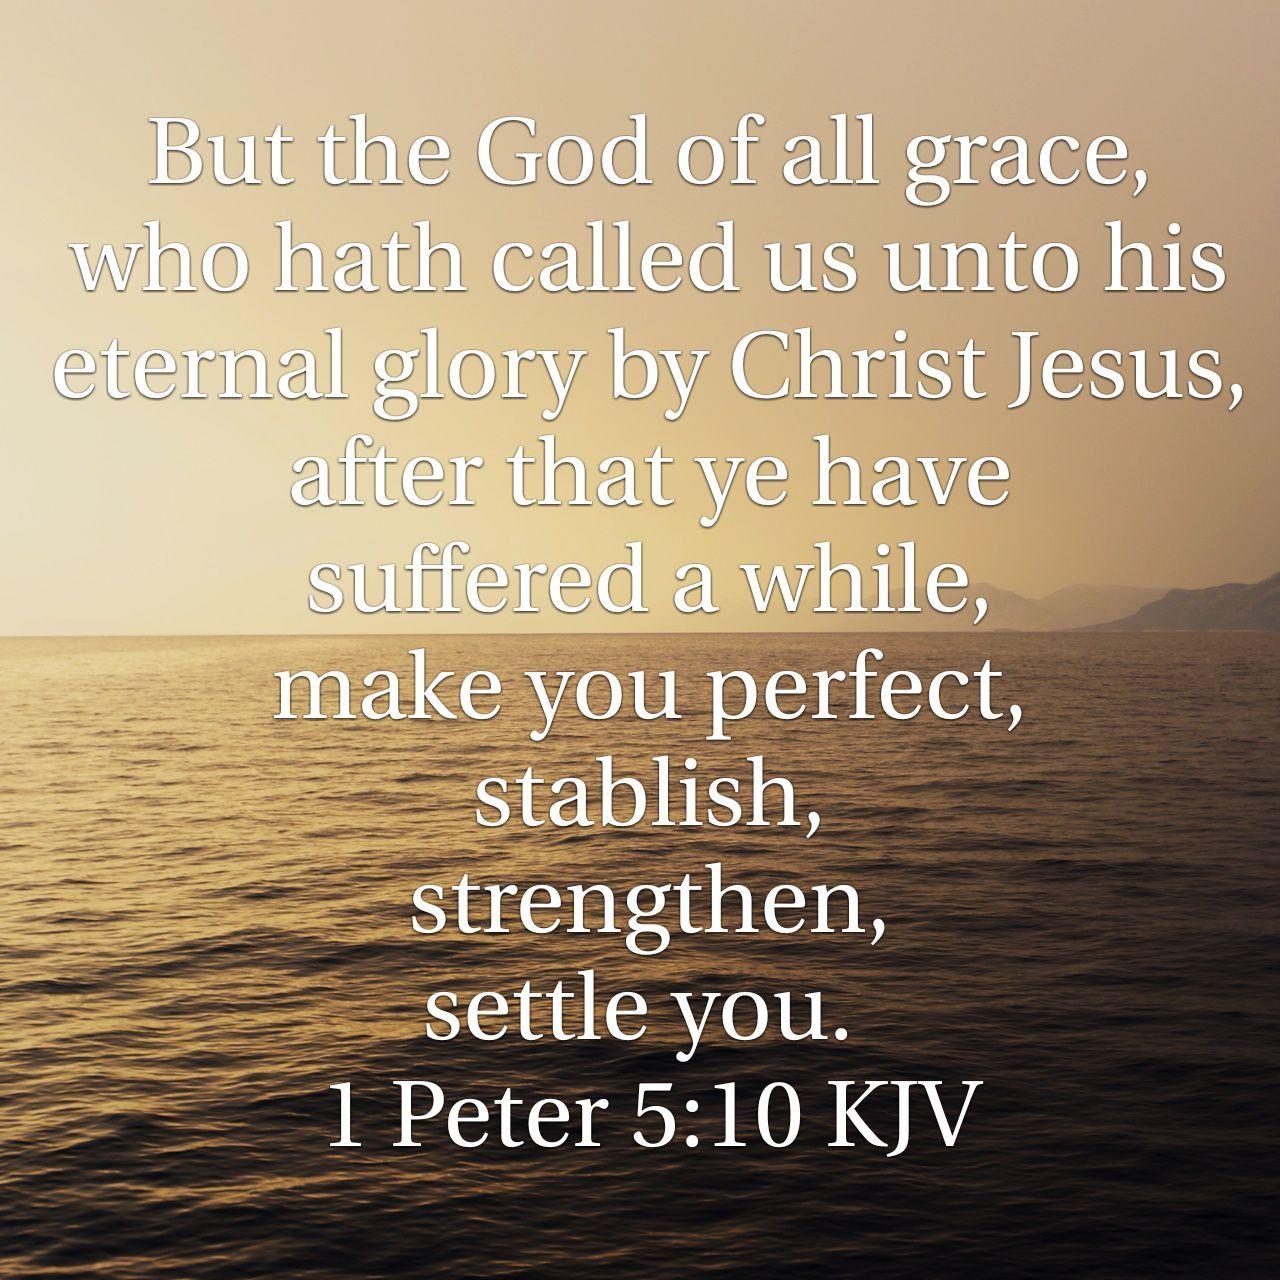 1 Peter 5:10 KJV | Kjv, Eternal glory, God almighty